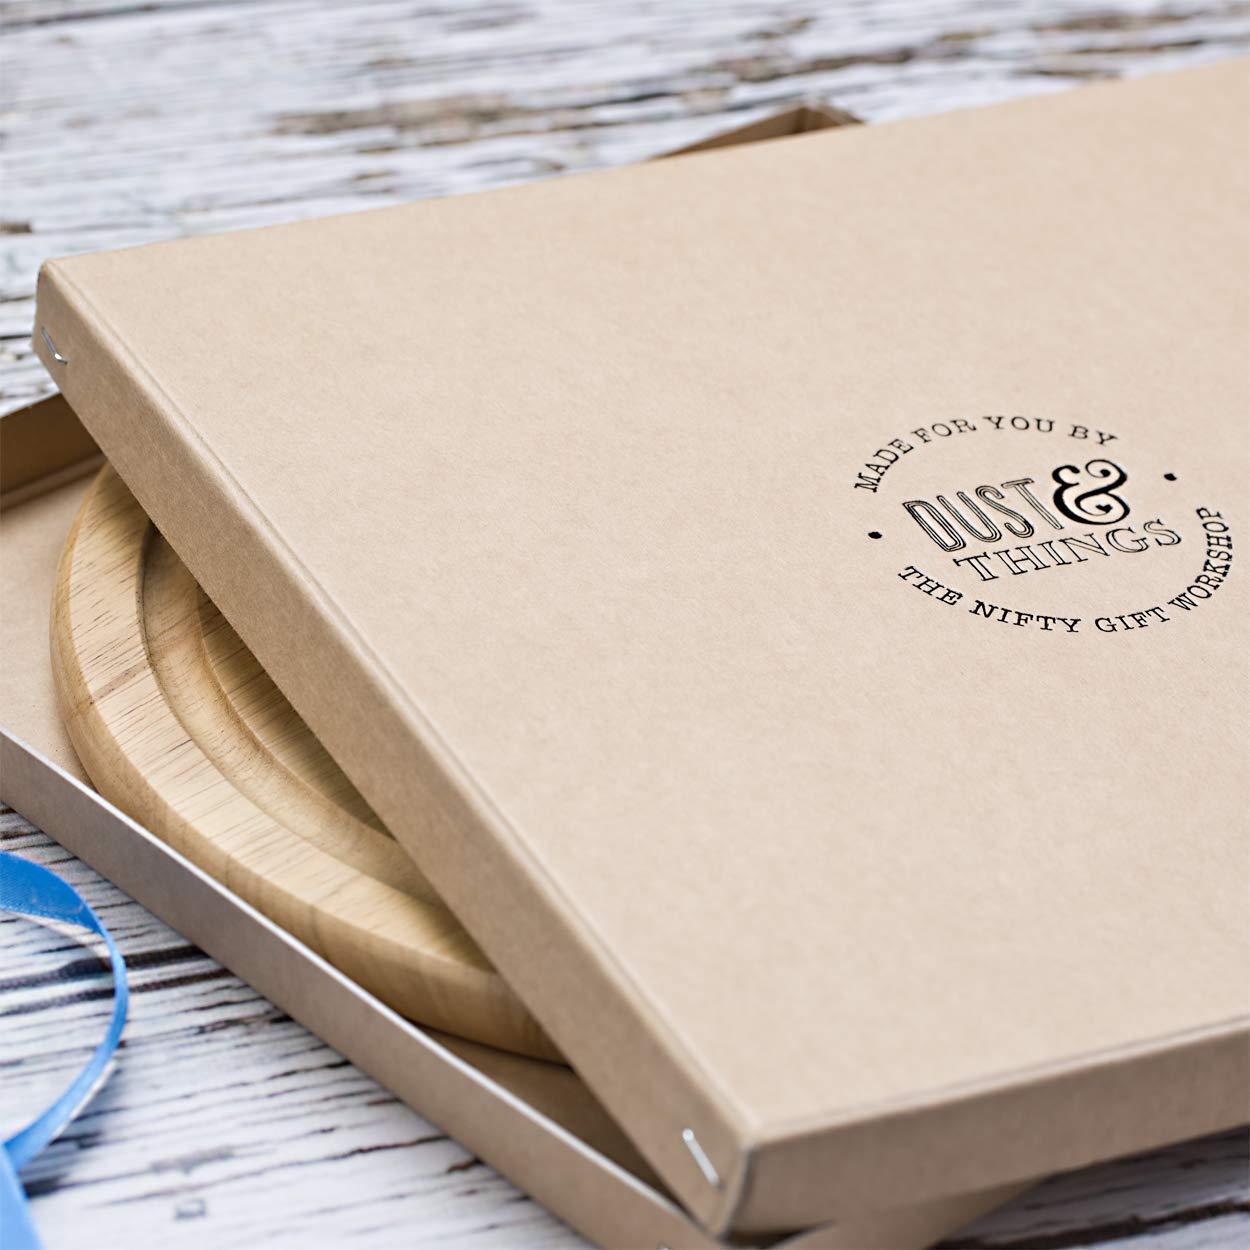 Geschenke zur Hauseinweihung Hochzeit Geschenk mit Gravur f/ürs Brautpaar Personalisiertes rundes Schneidebrett Jausenbrett Servierbrett Weihnachtsgeschenk f/ür Paare